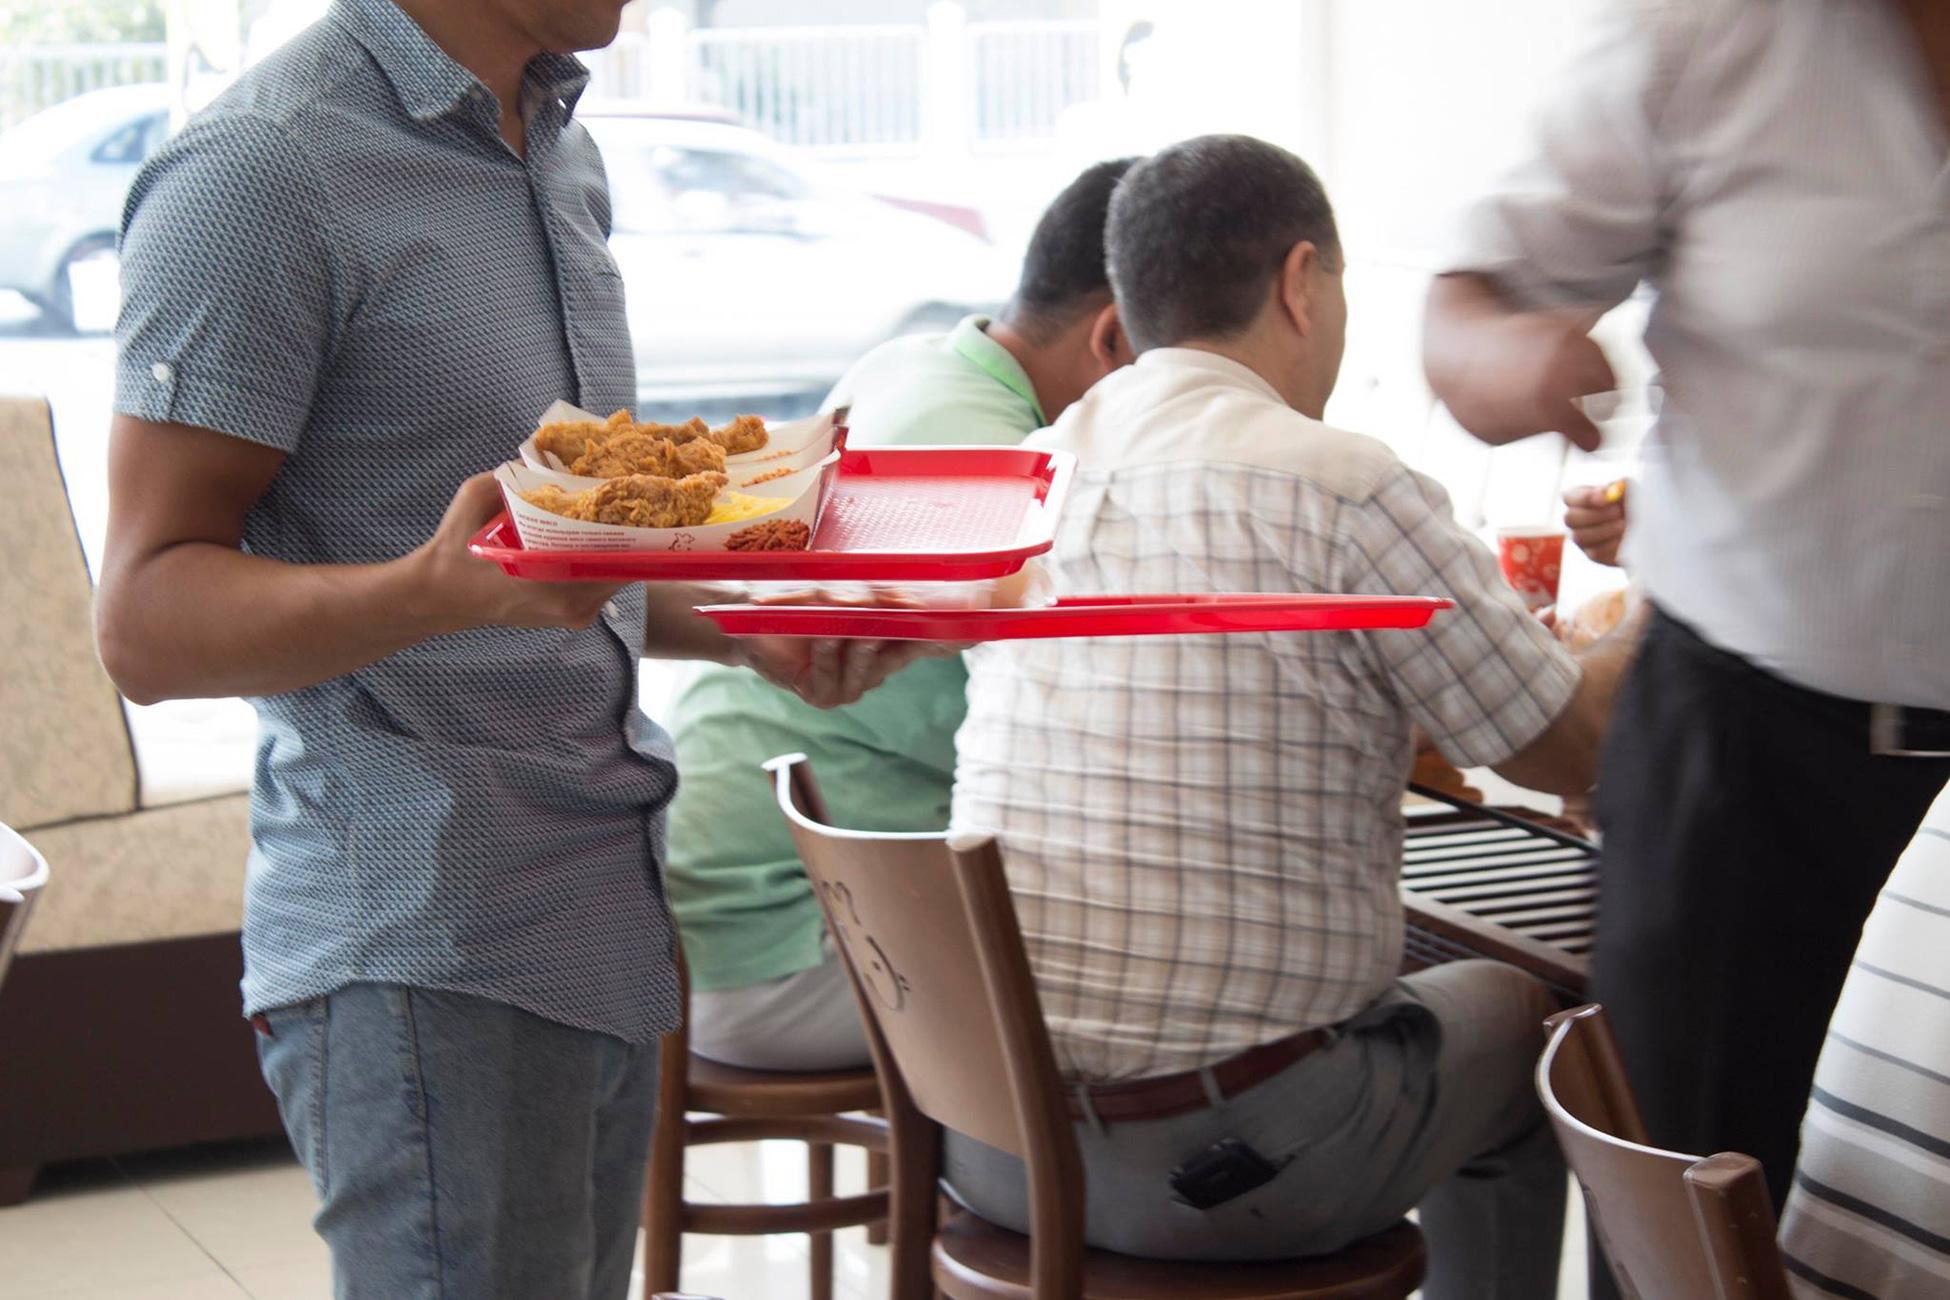 Официант подает жареную курицу в стиле KFC в ресторане. Ташкент, сентябрь 2017 г. Скоро в Ташкенте откроется официальный ресторан этого бренда. [Facebook]